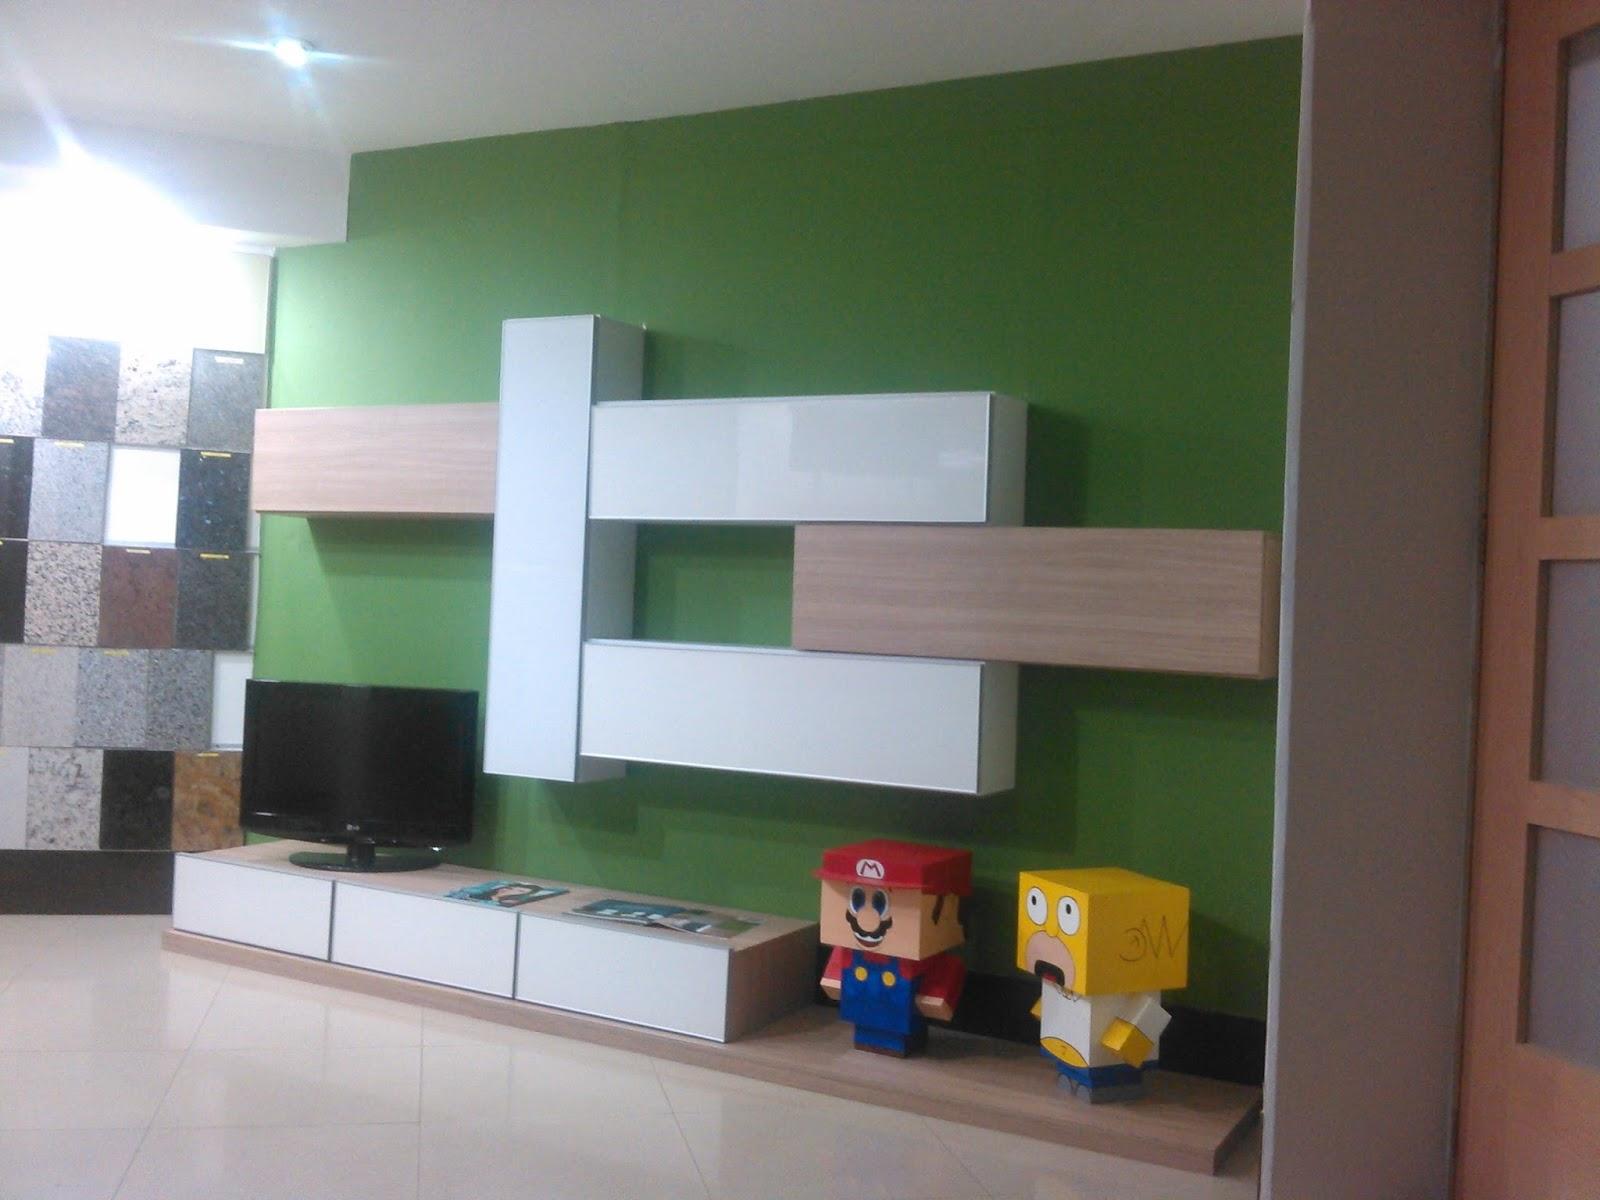 fabricaci n y dise o de centros de entretenimiento On diseno de muebles modulares